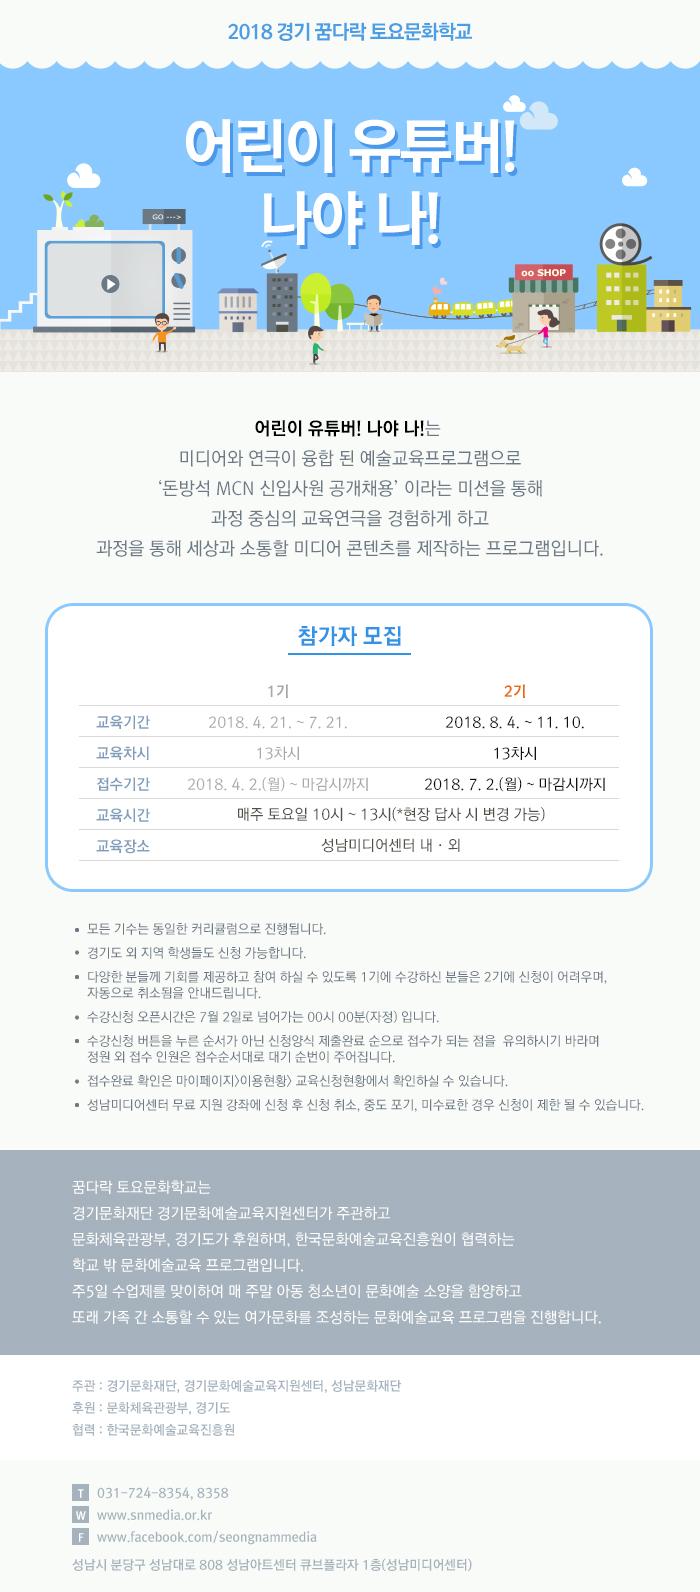 0530_토요문화학교_어린이유튜버나야나(수정).jpg